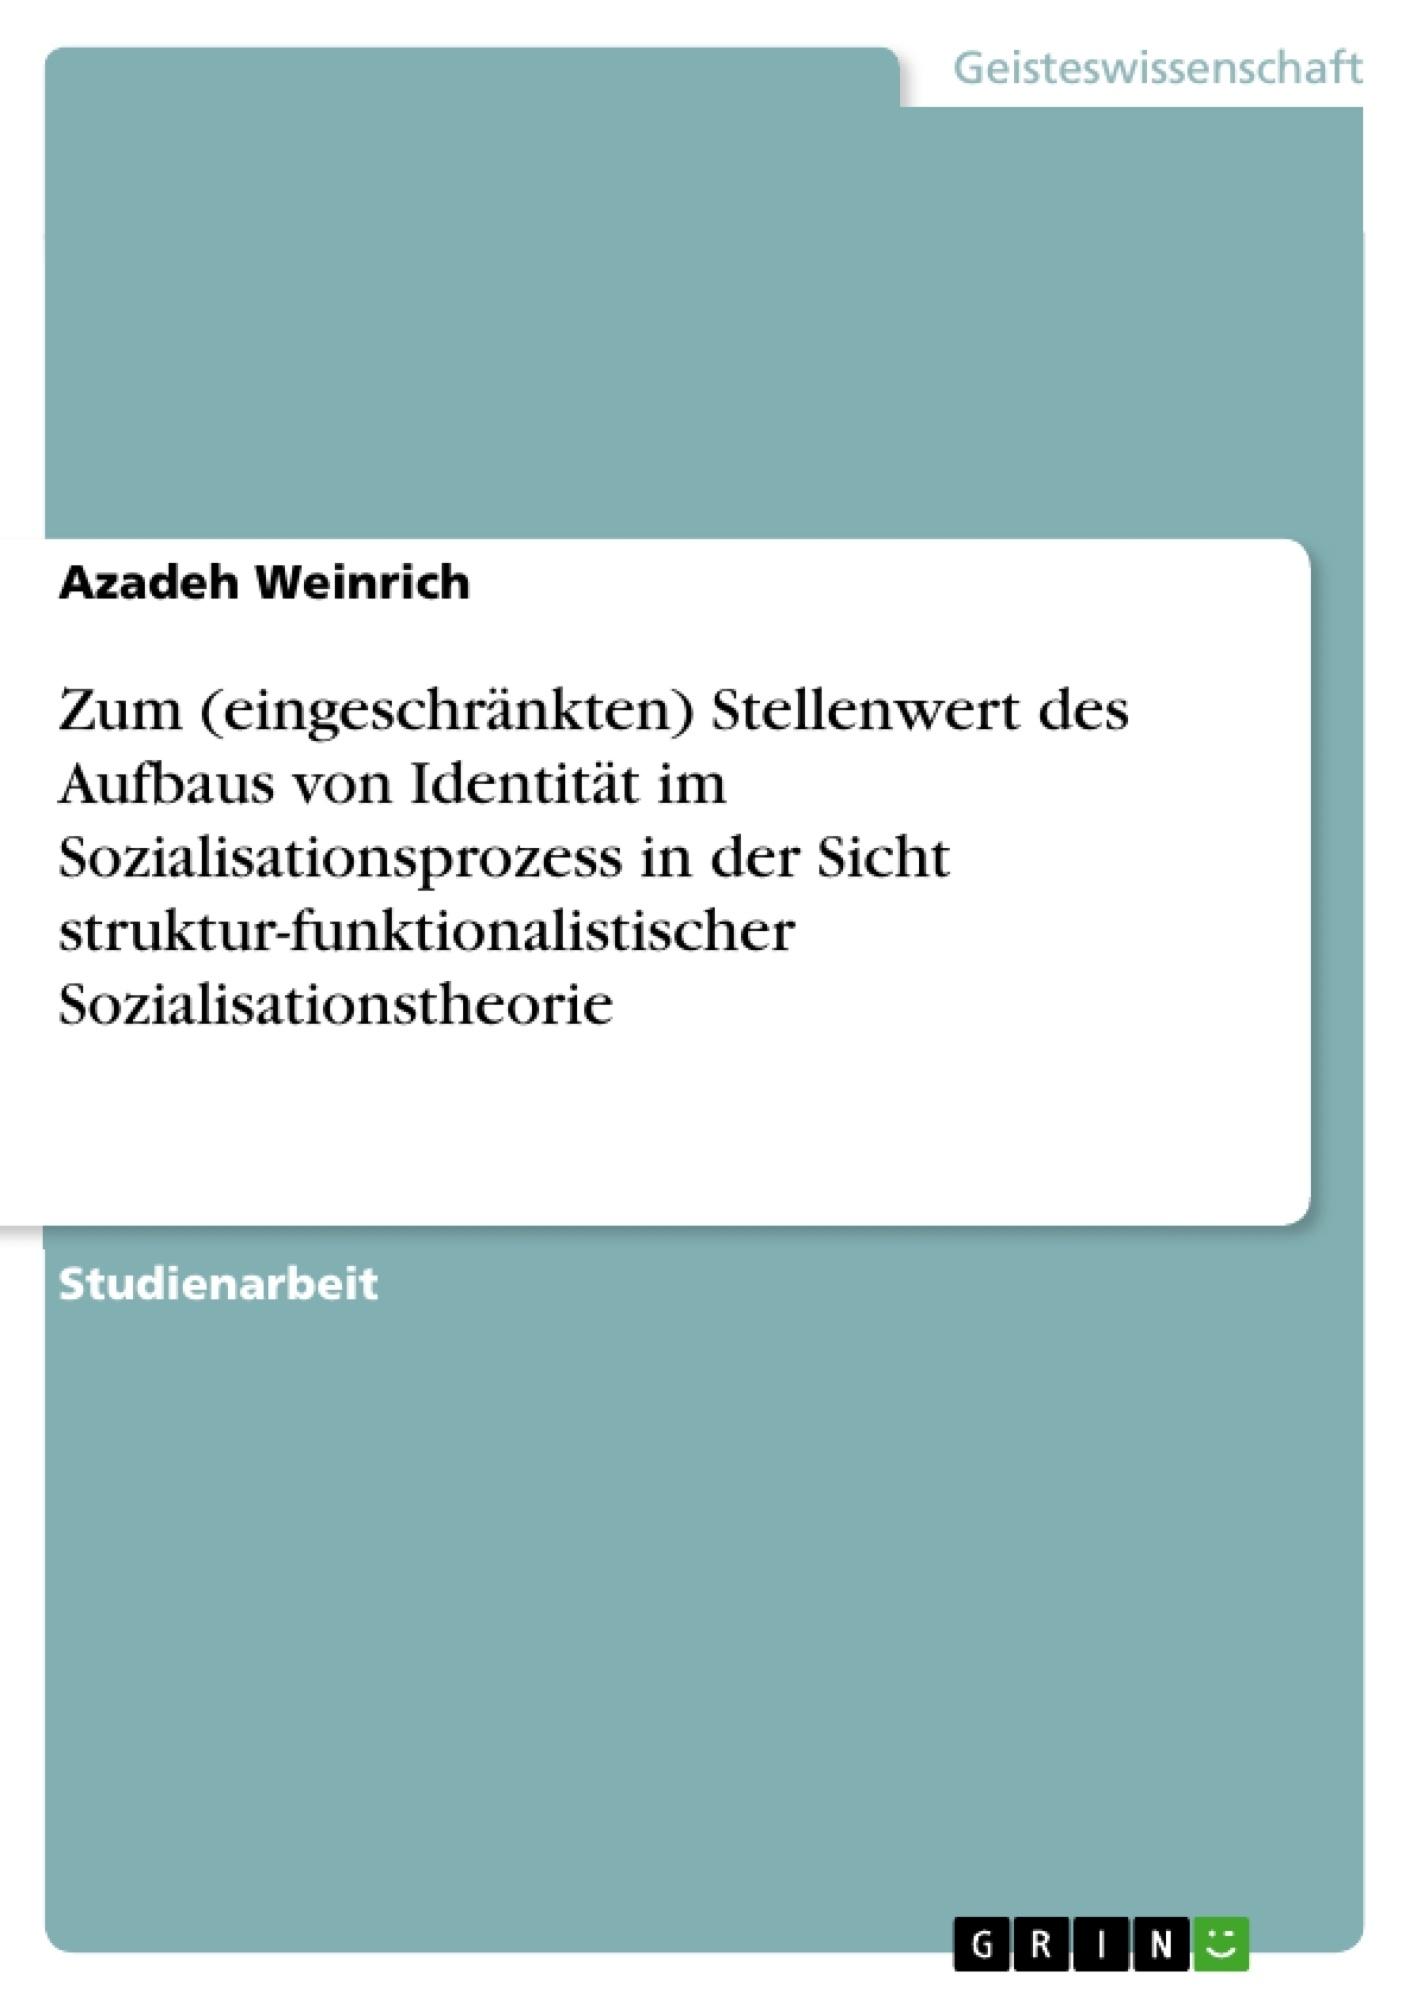 Titel: Zum (eingeschränkten) Stellenwert des Aufbaus von Identität im Sozialisationsprozess in der Sicht struktur-funktionalistischer Sozialisationstheorie